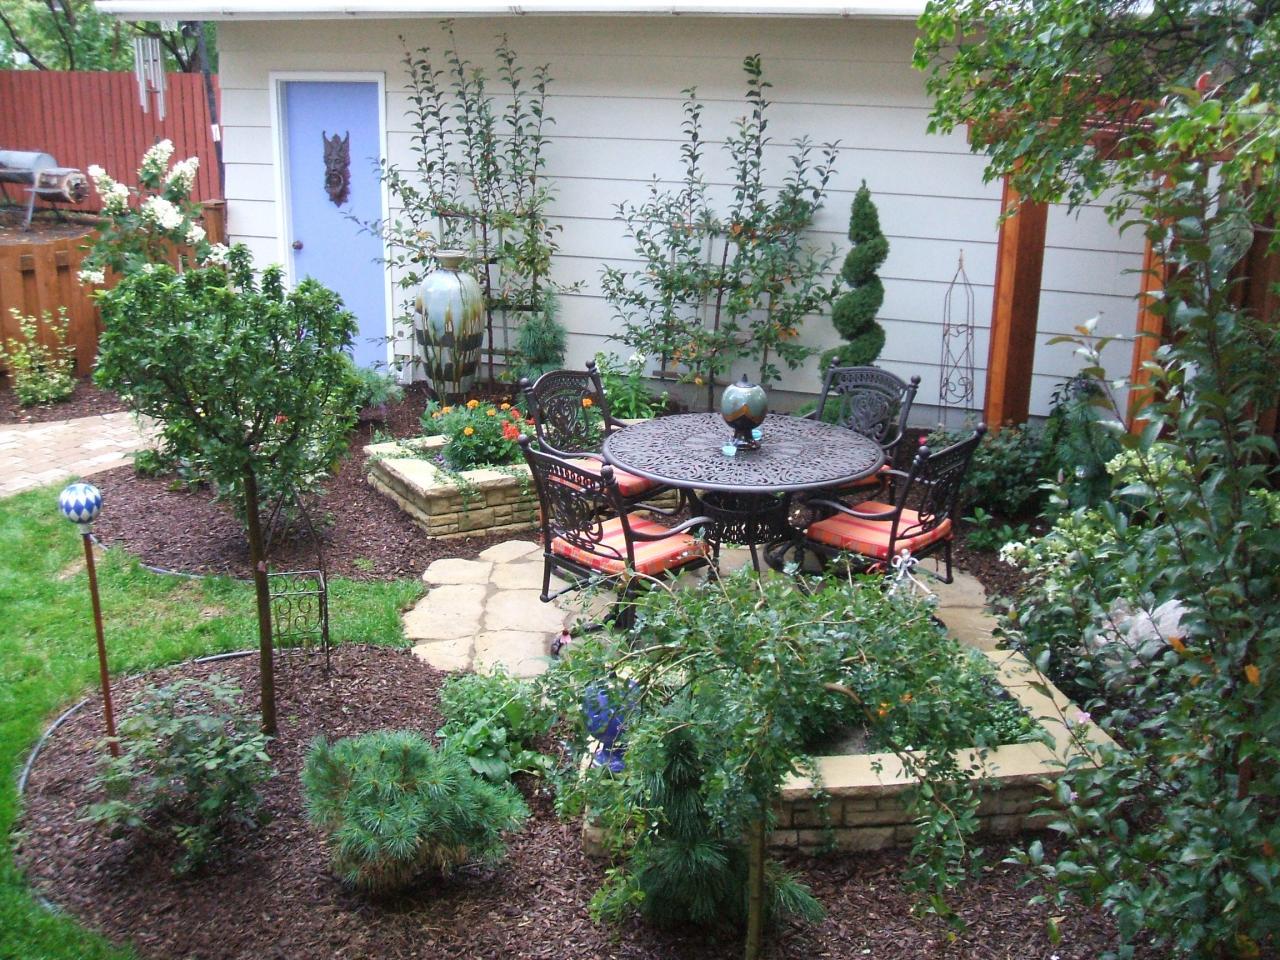 Ландшафтный дизайн 2,3,4 и 5 соток земли: оформлени и декор, высадки деревьев и кустов